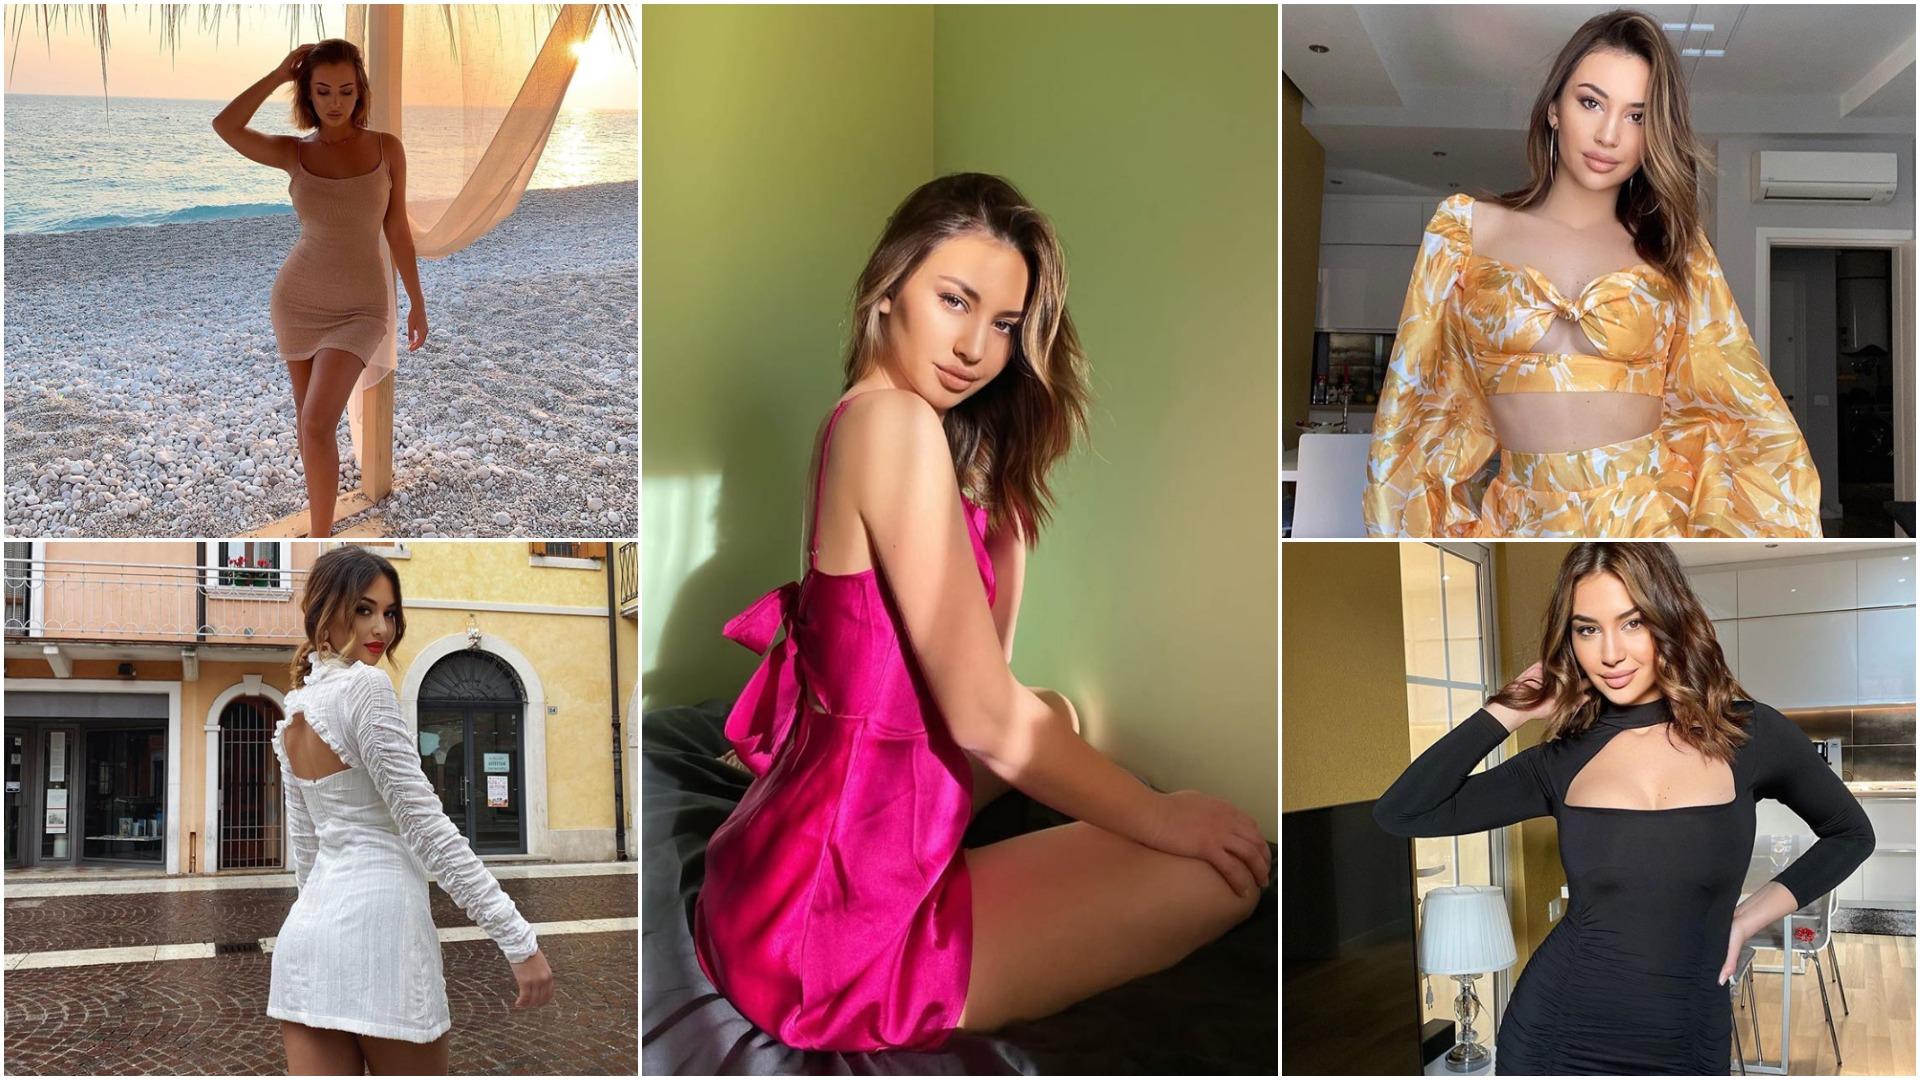 Nostalgji për plazhin, fustan 'pink' dhe sensacion në Tik-Tok: Karantina e Kiara Titos